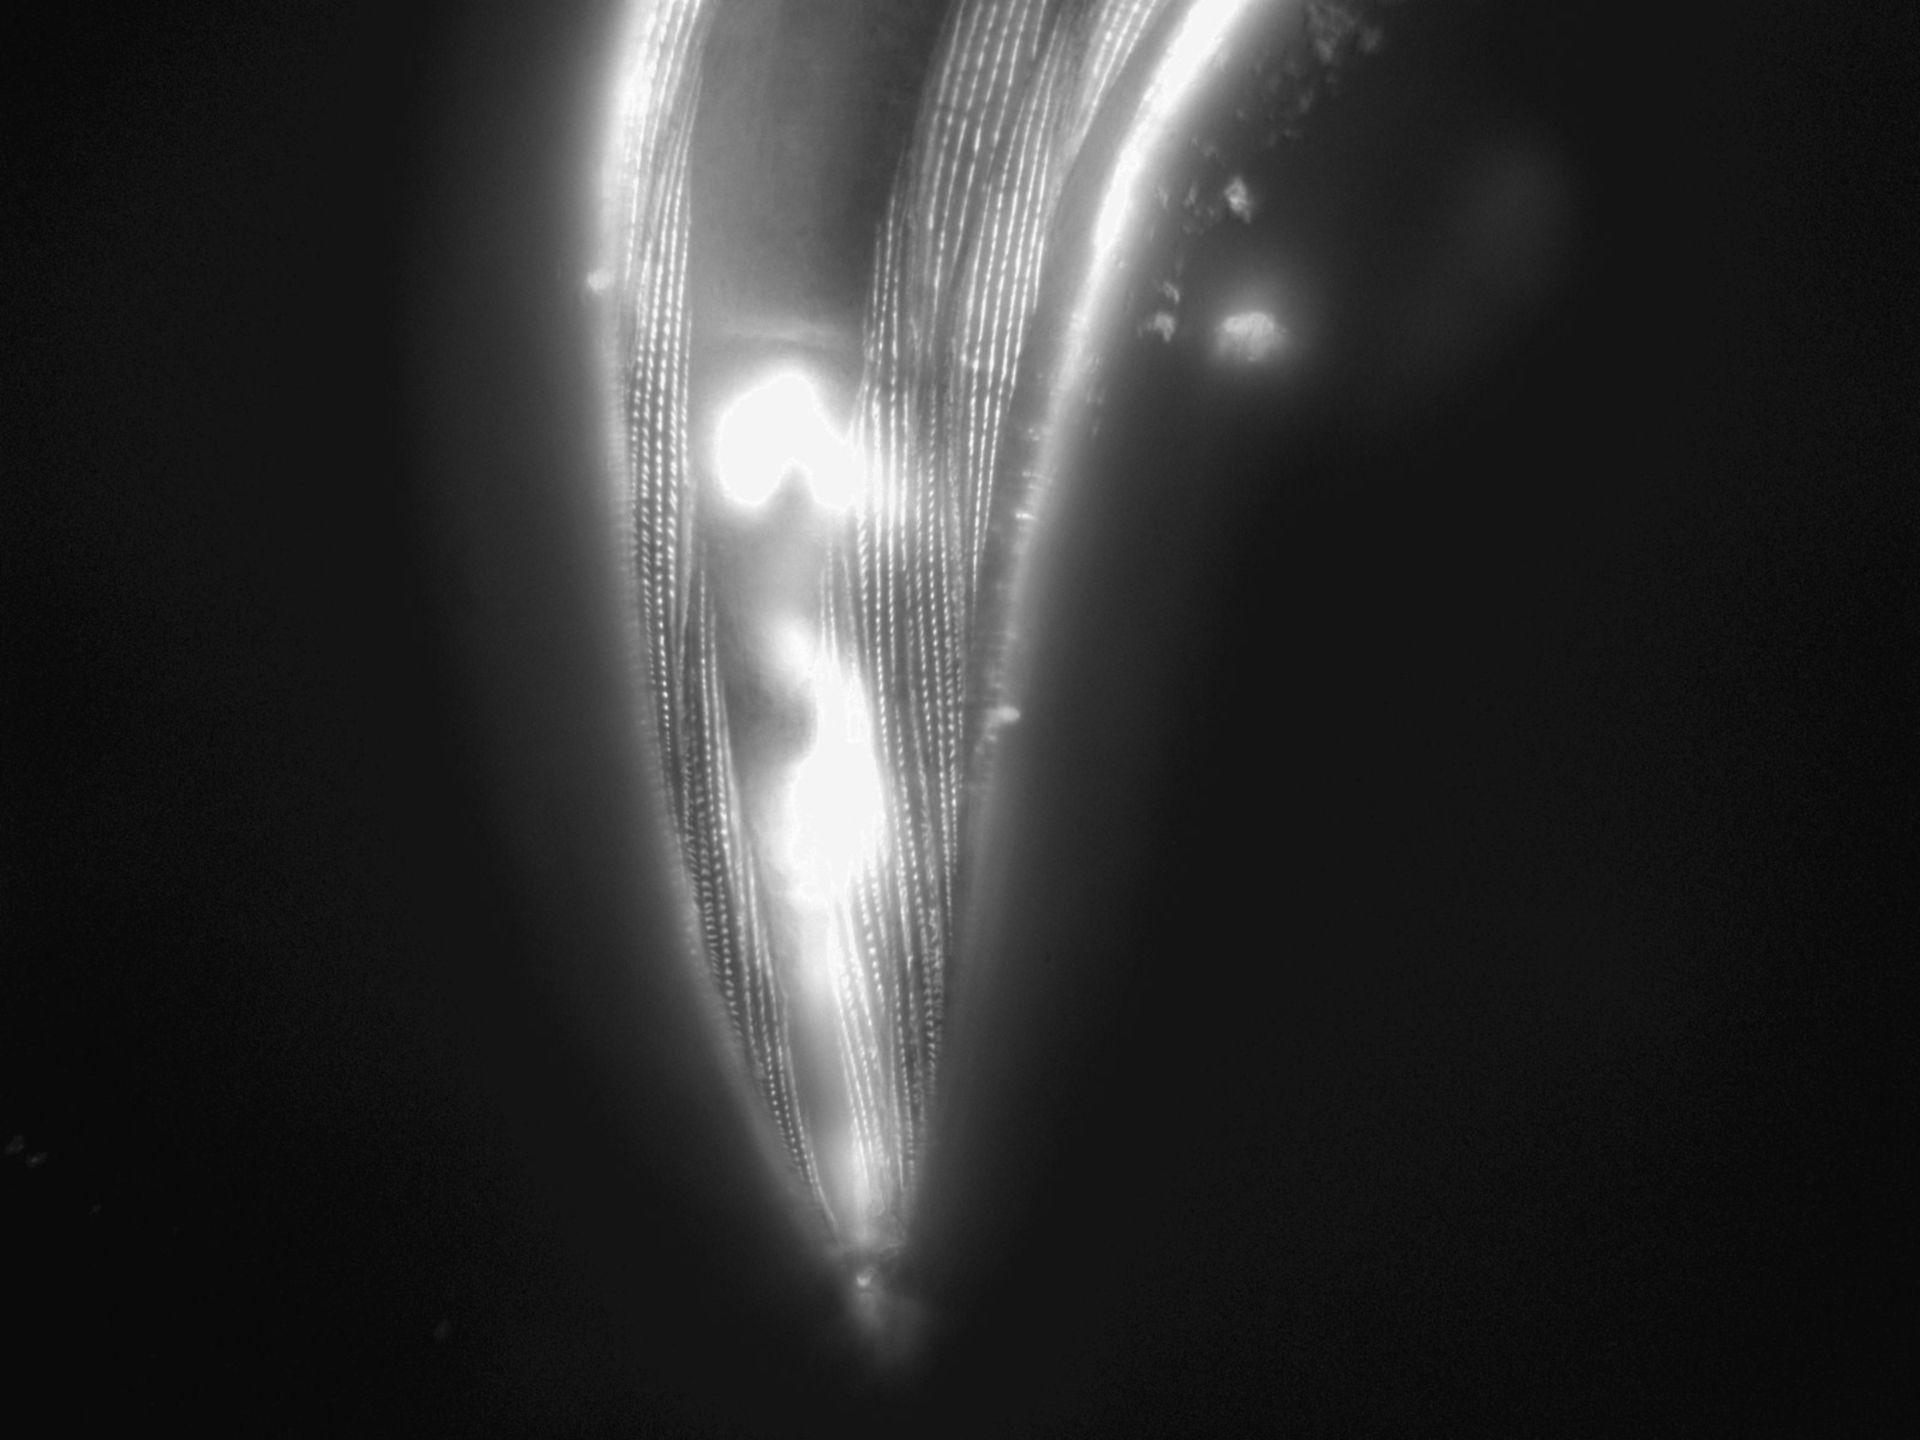 Caenorhabditis elegans (Actin filament) - CIL:1199